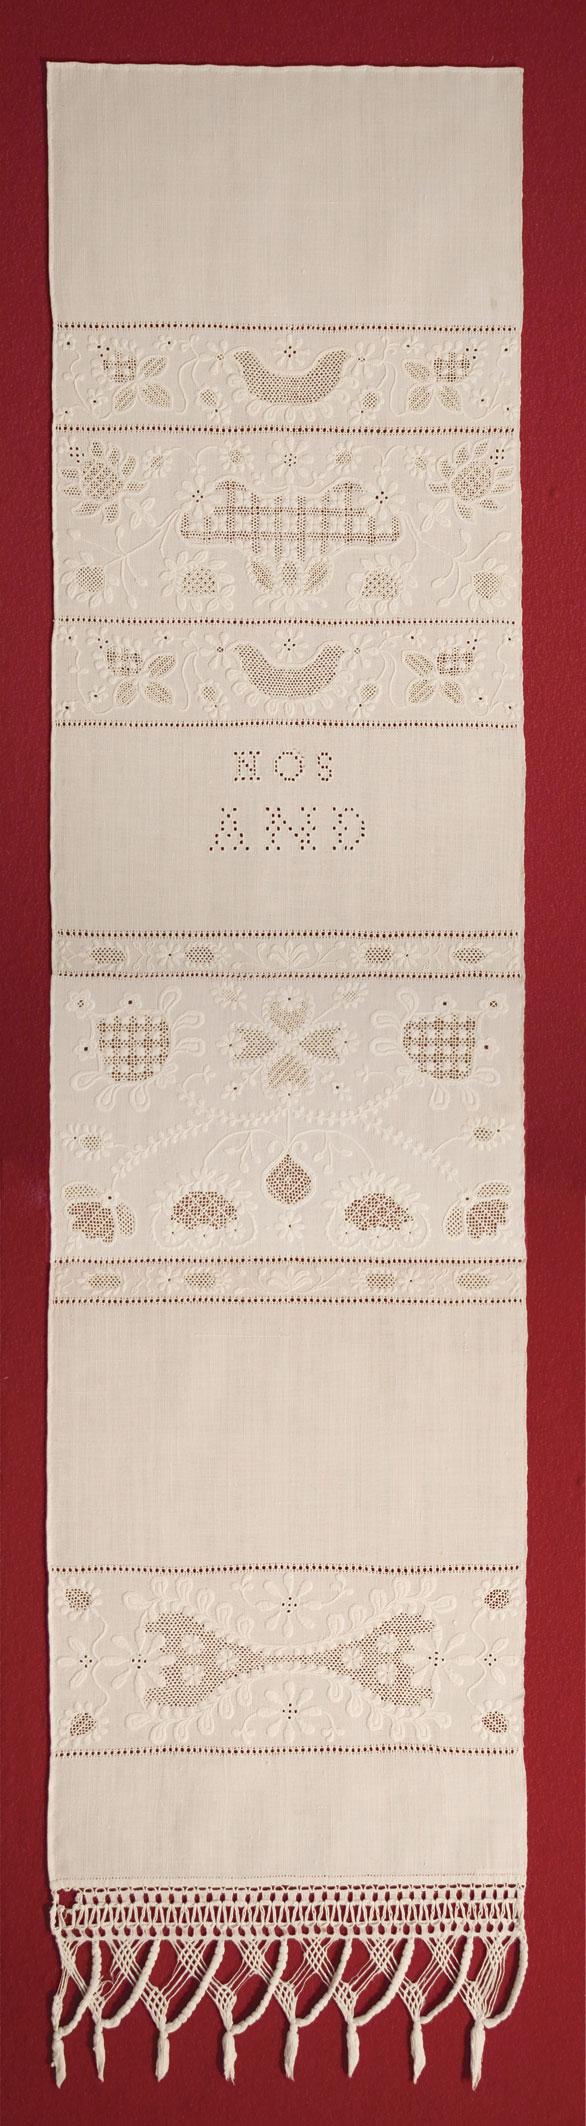 7.2 pyntehåndklæde